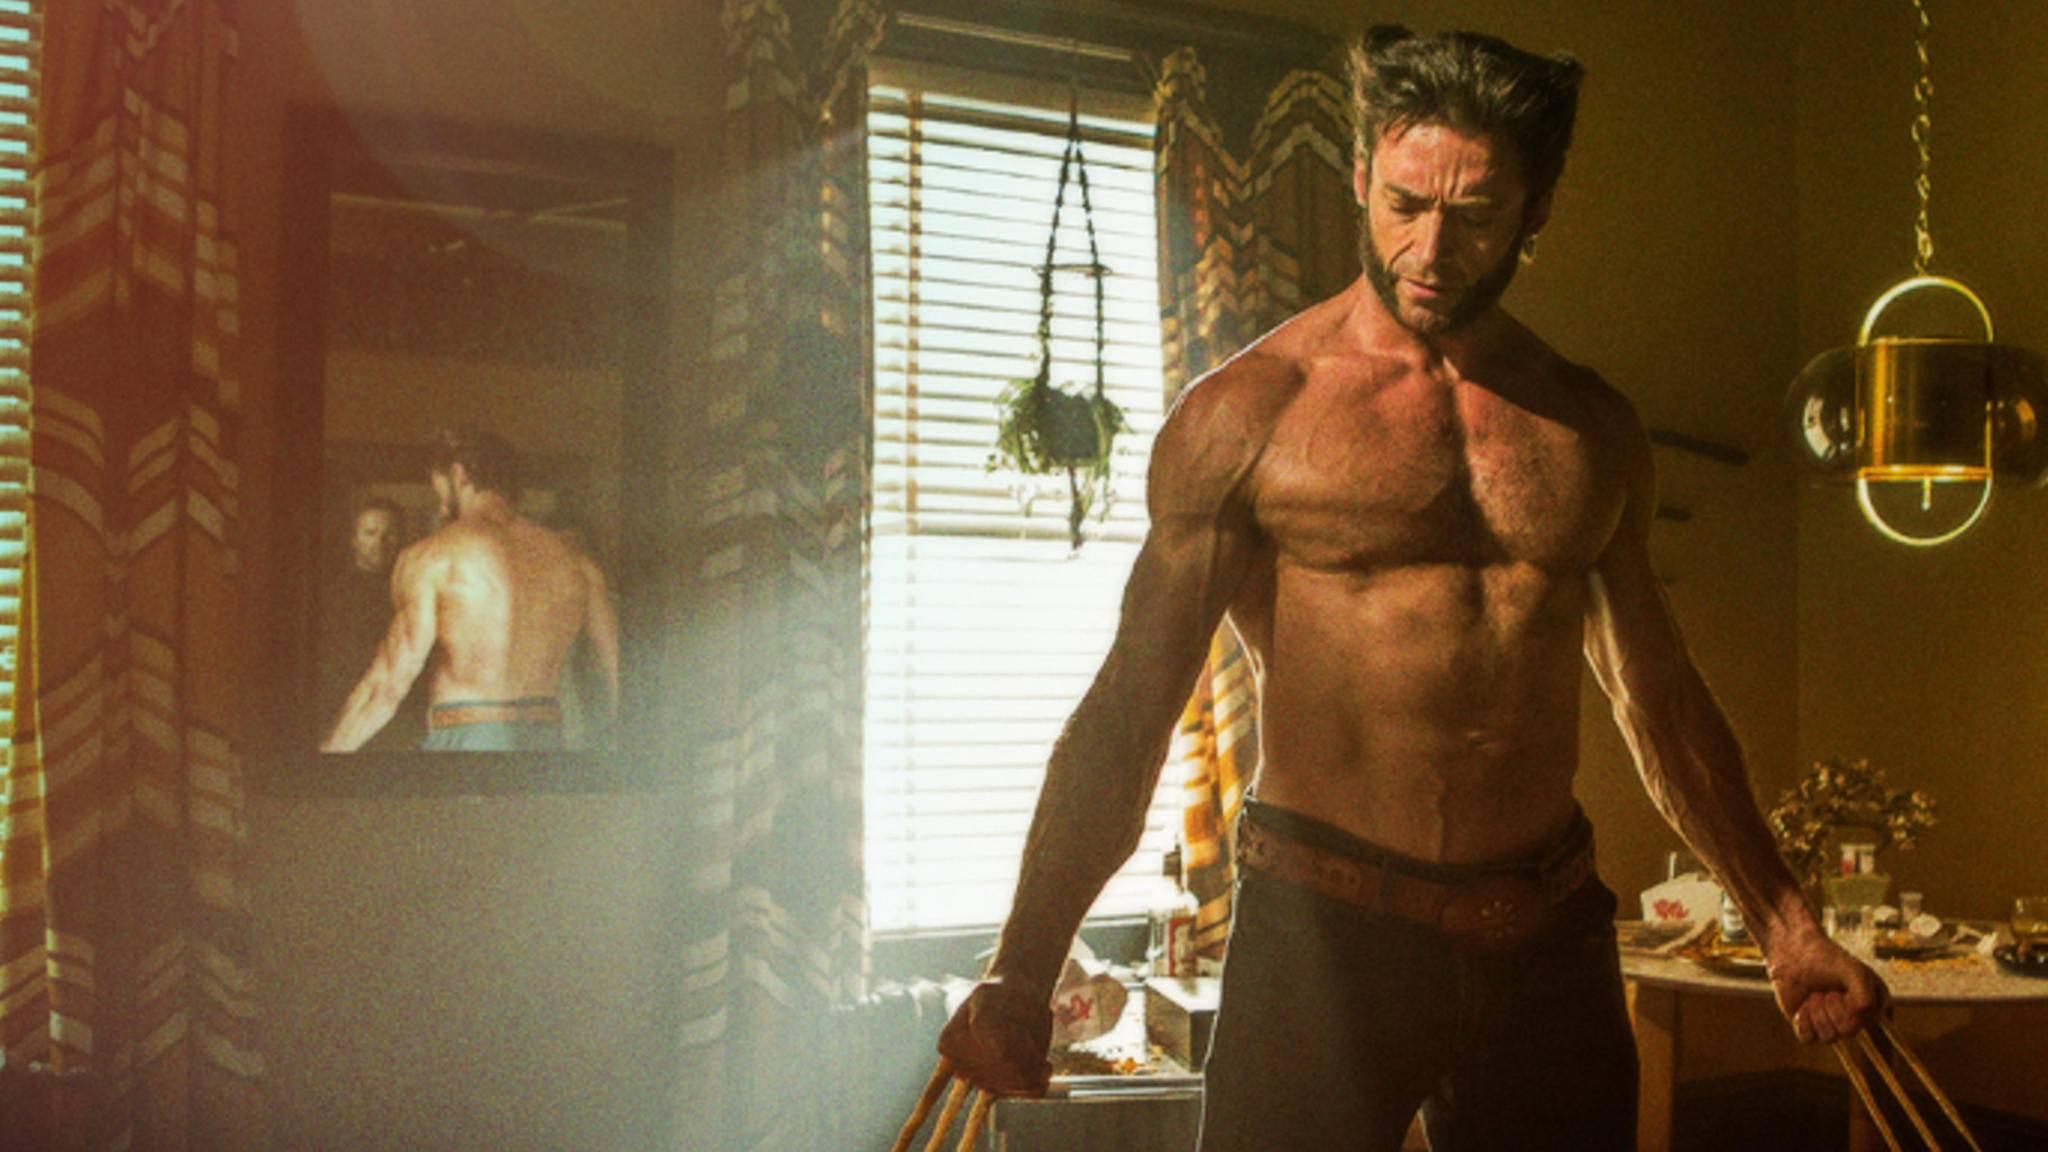 Der Superbody von Hugh Jackman ist ein gutes Stück Arbeit.